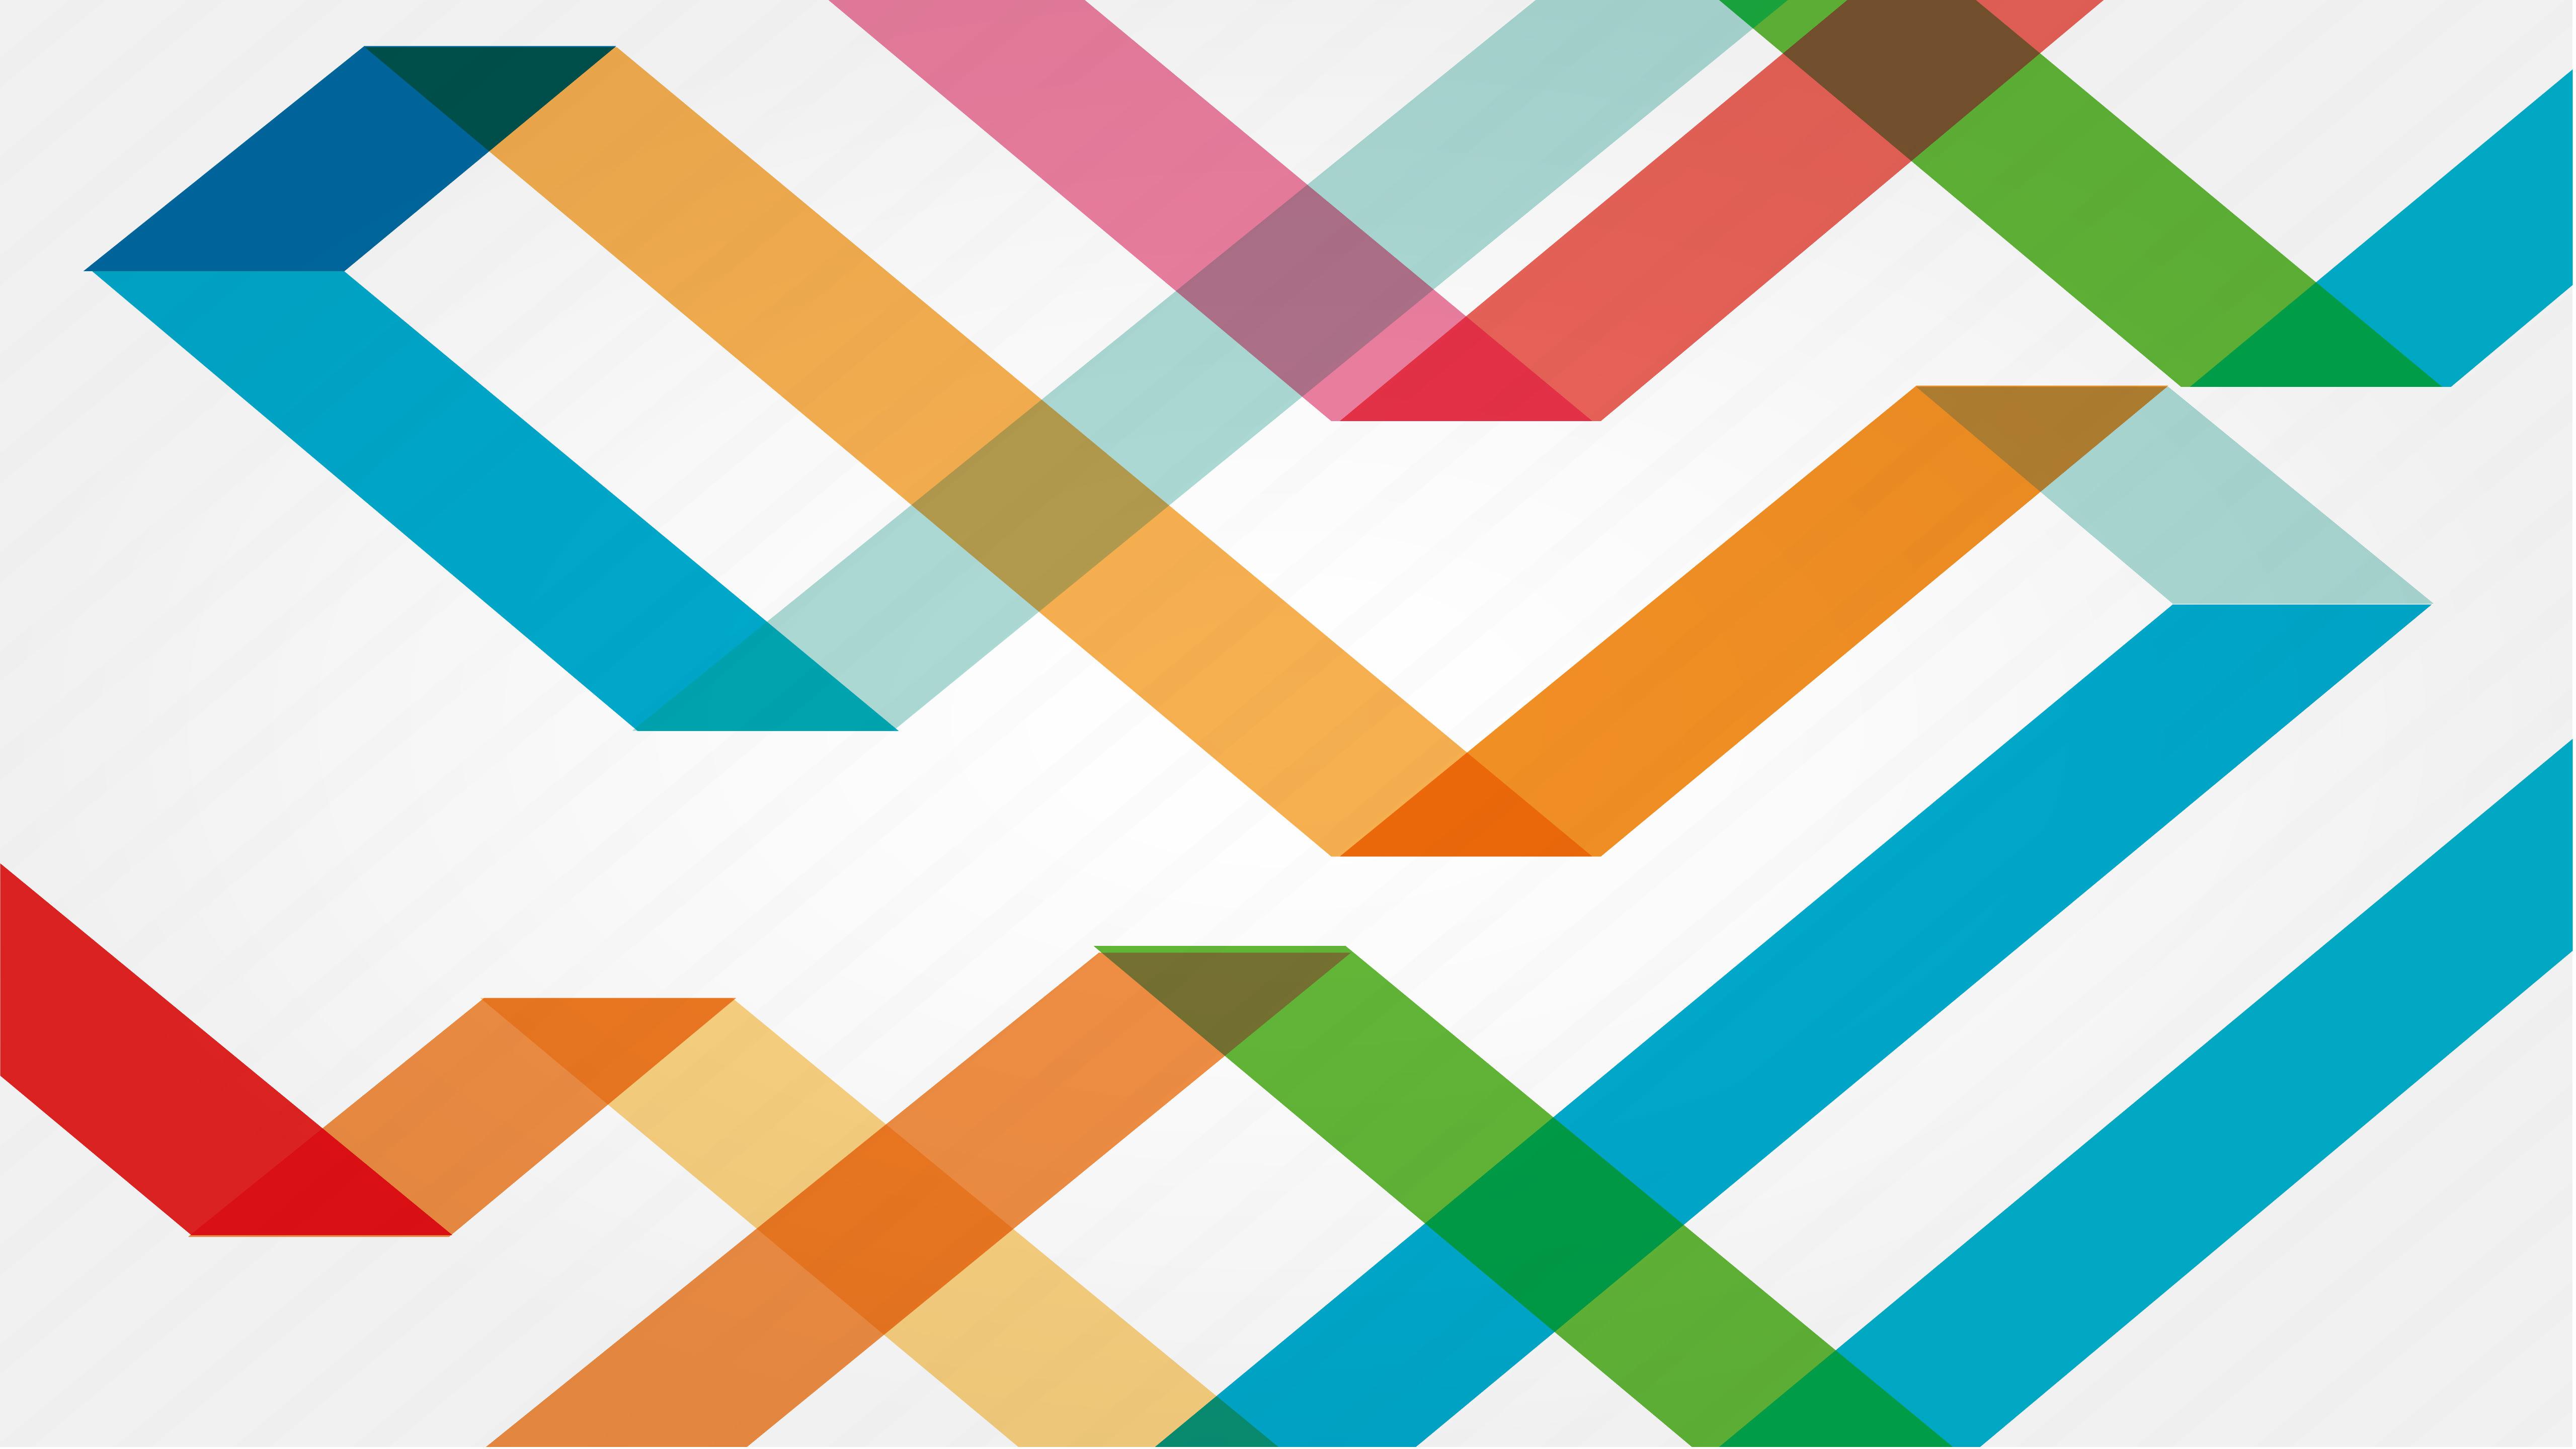 desktop wallpaper wallpapersc pcmac5k4k - photo #18